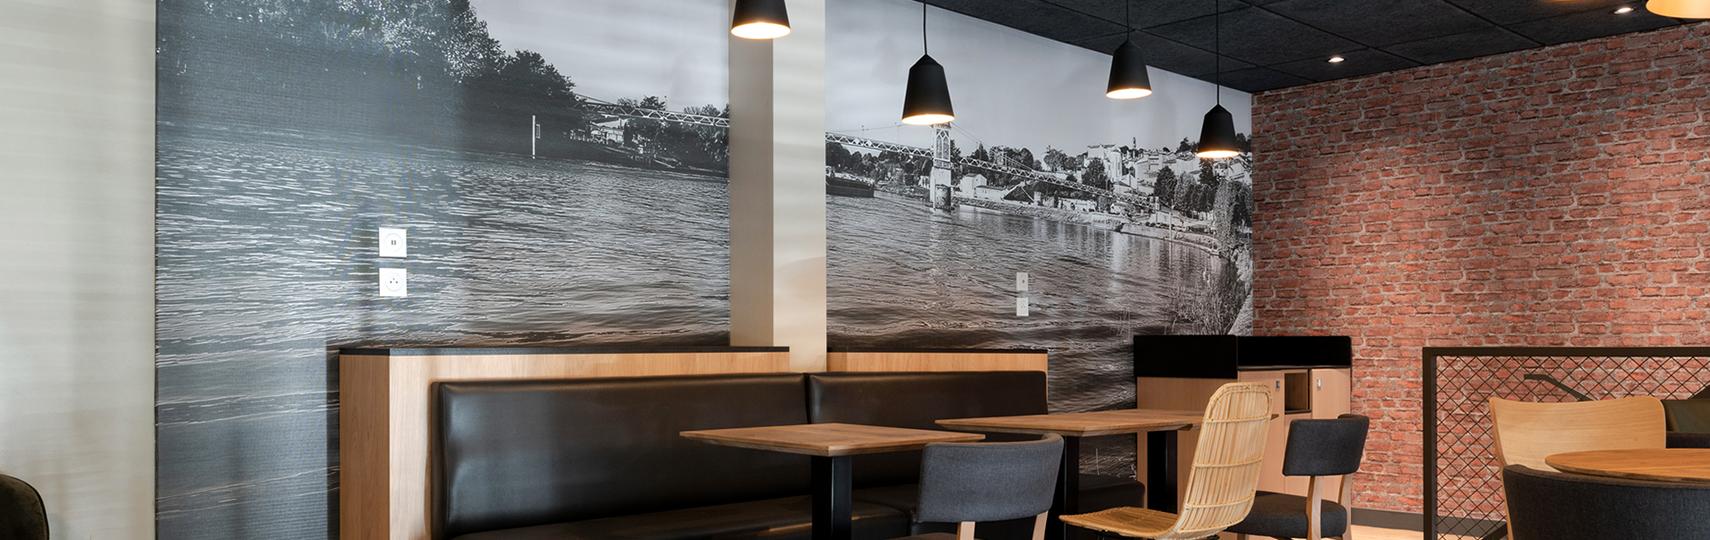 La Panière Bakery elige la tecnología HP Latex para la decoración de paredes acústicas